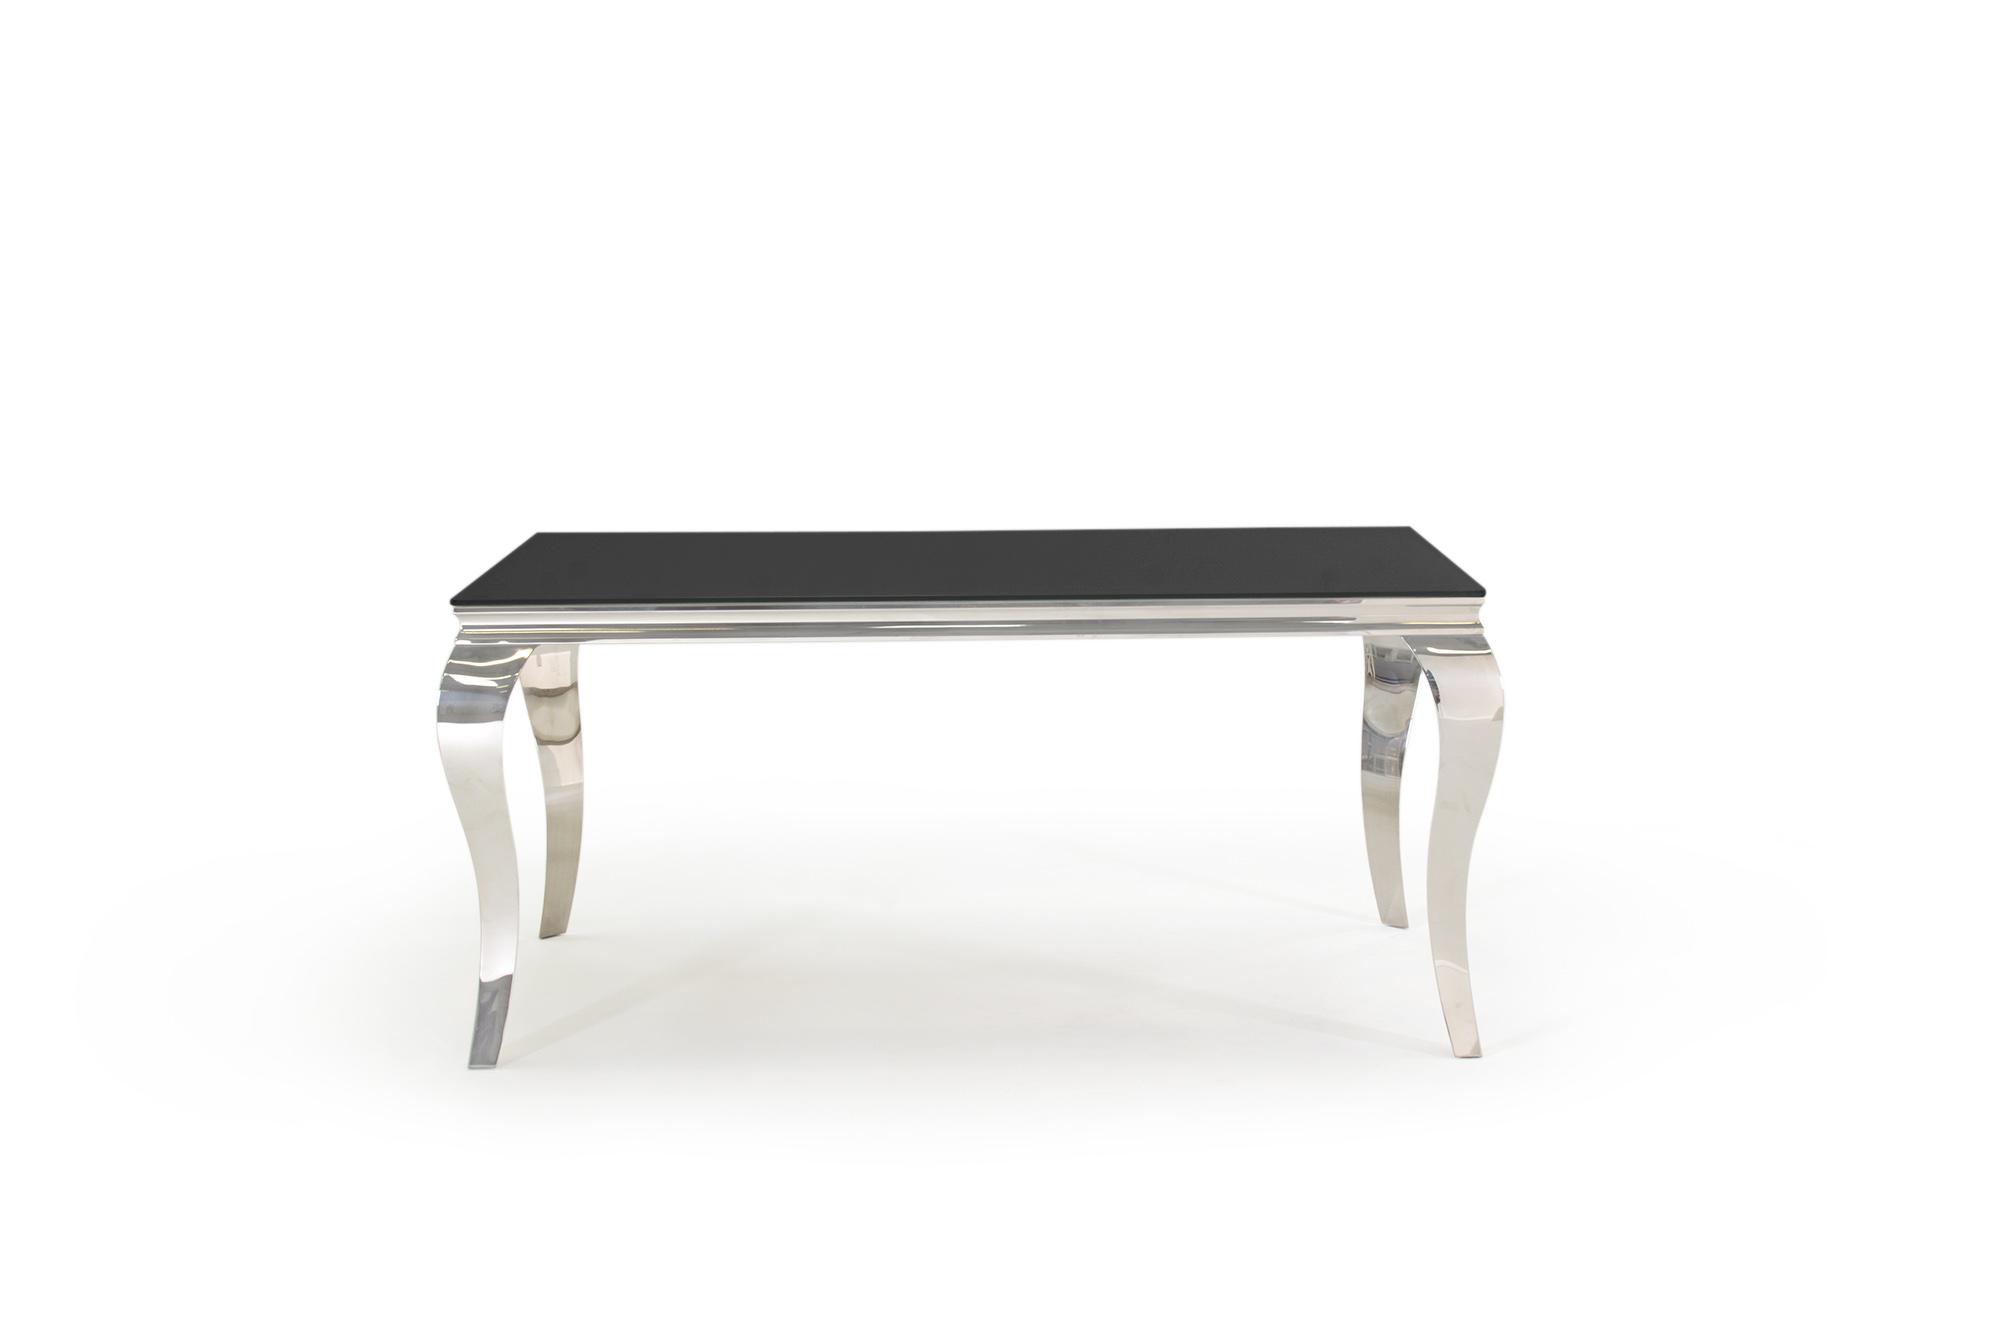 Carla Contemporary Glass Chrome Black Dining Table 160cm